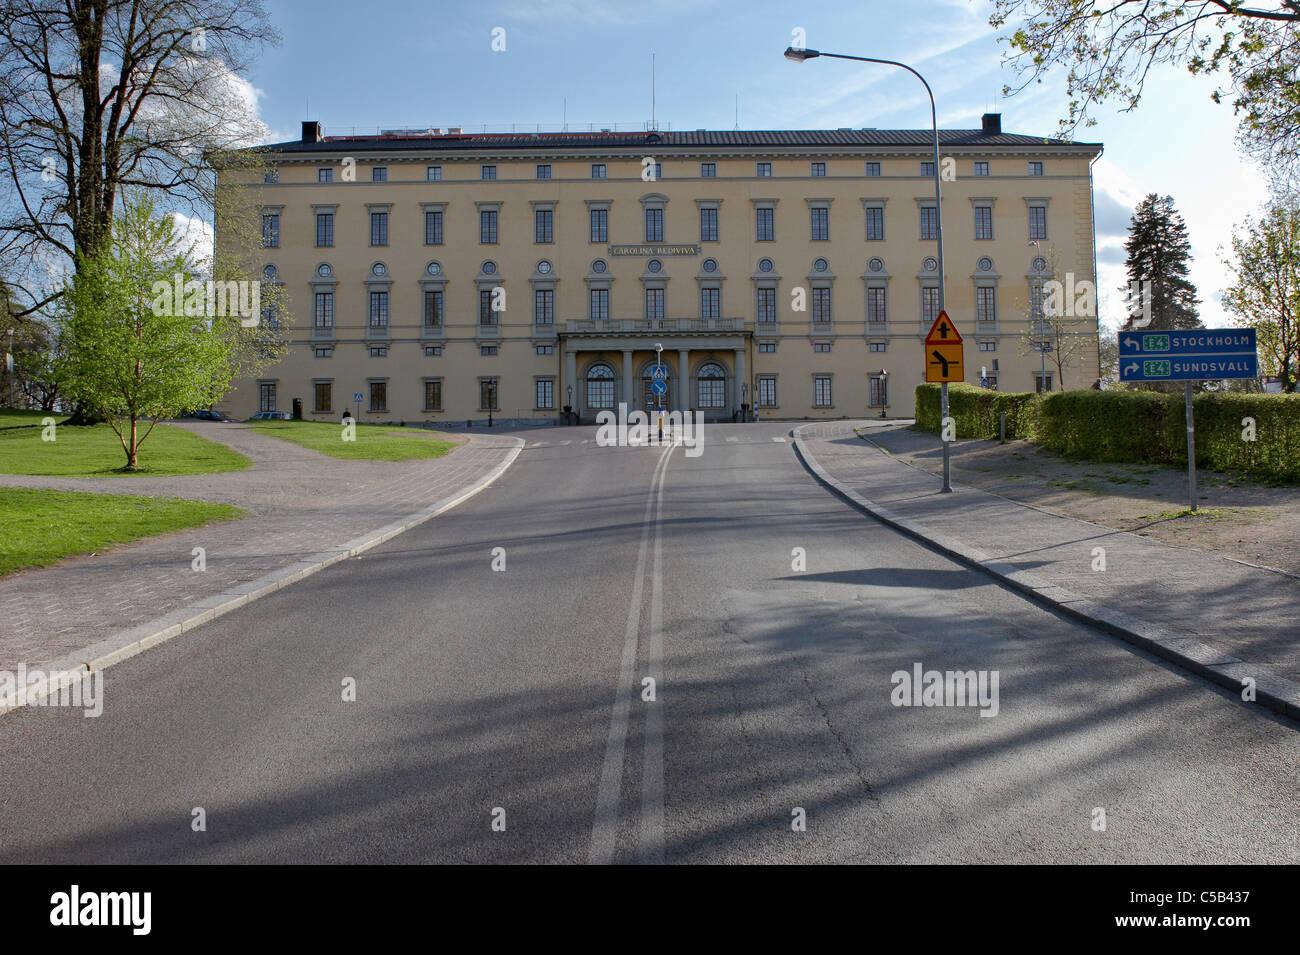 Empty road leading to Carolina Rediviva at Uppsala, Sweden Stock Photo